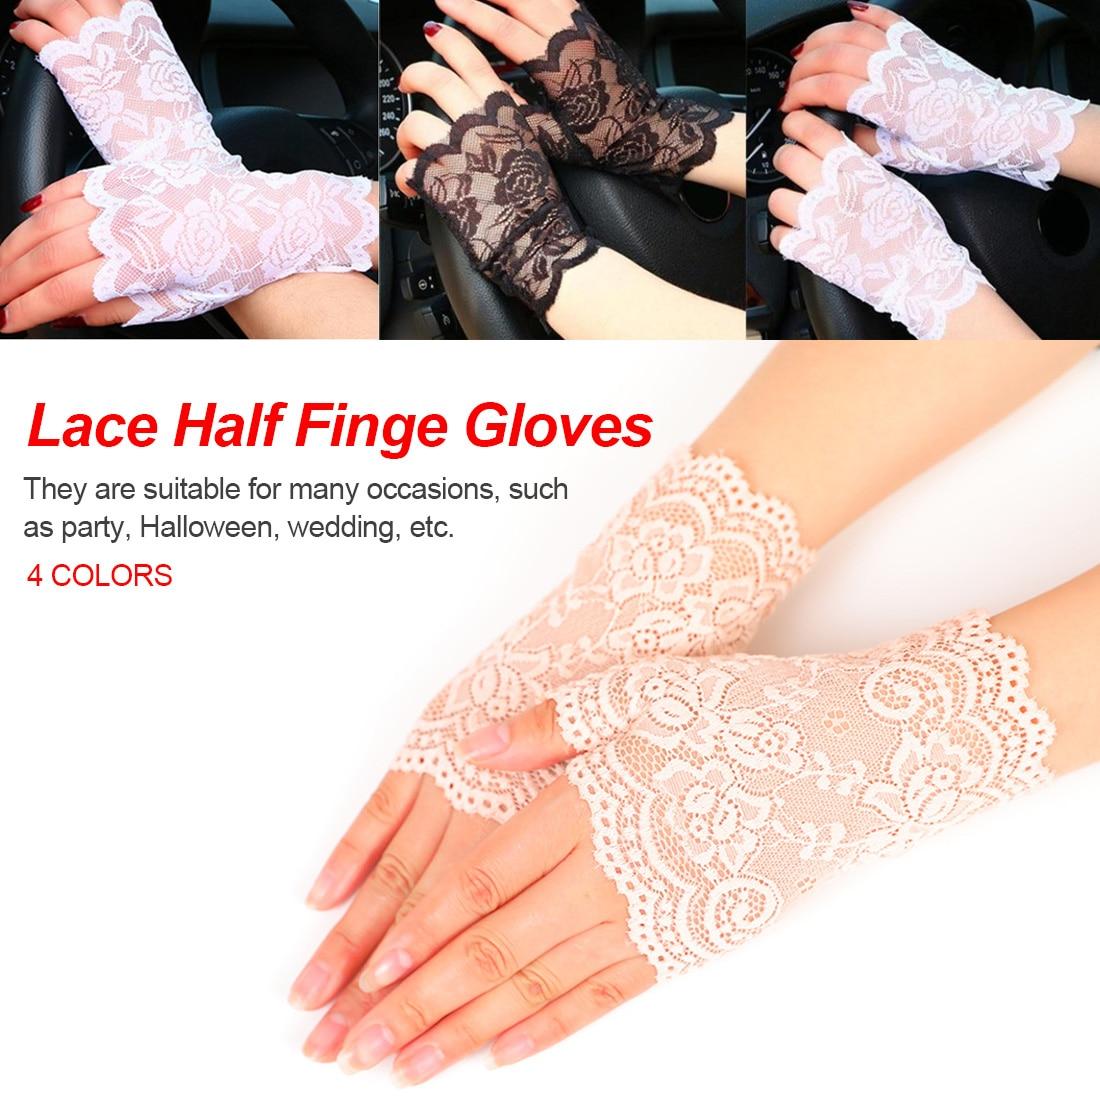 Winter White Black Ladies Half Finger Fishnet Gloves Heated Mesh Mitten Gants Femme Long Fingerless Womens Sexy Lace Gloves